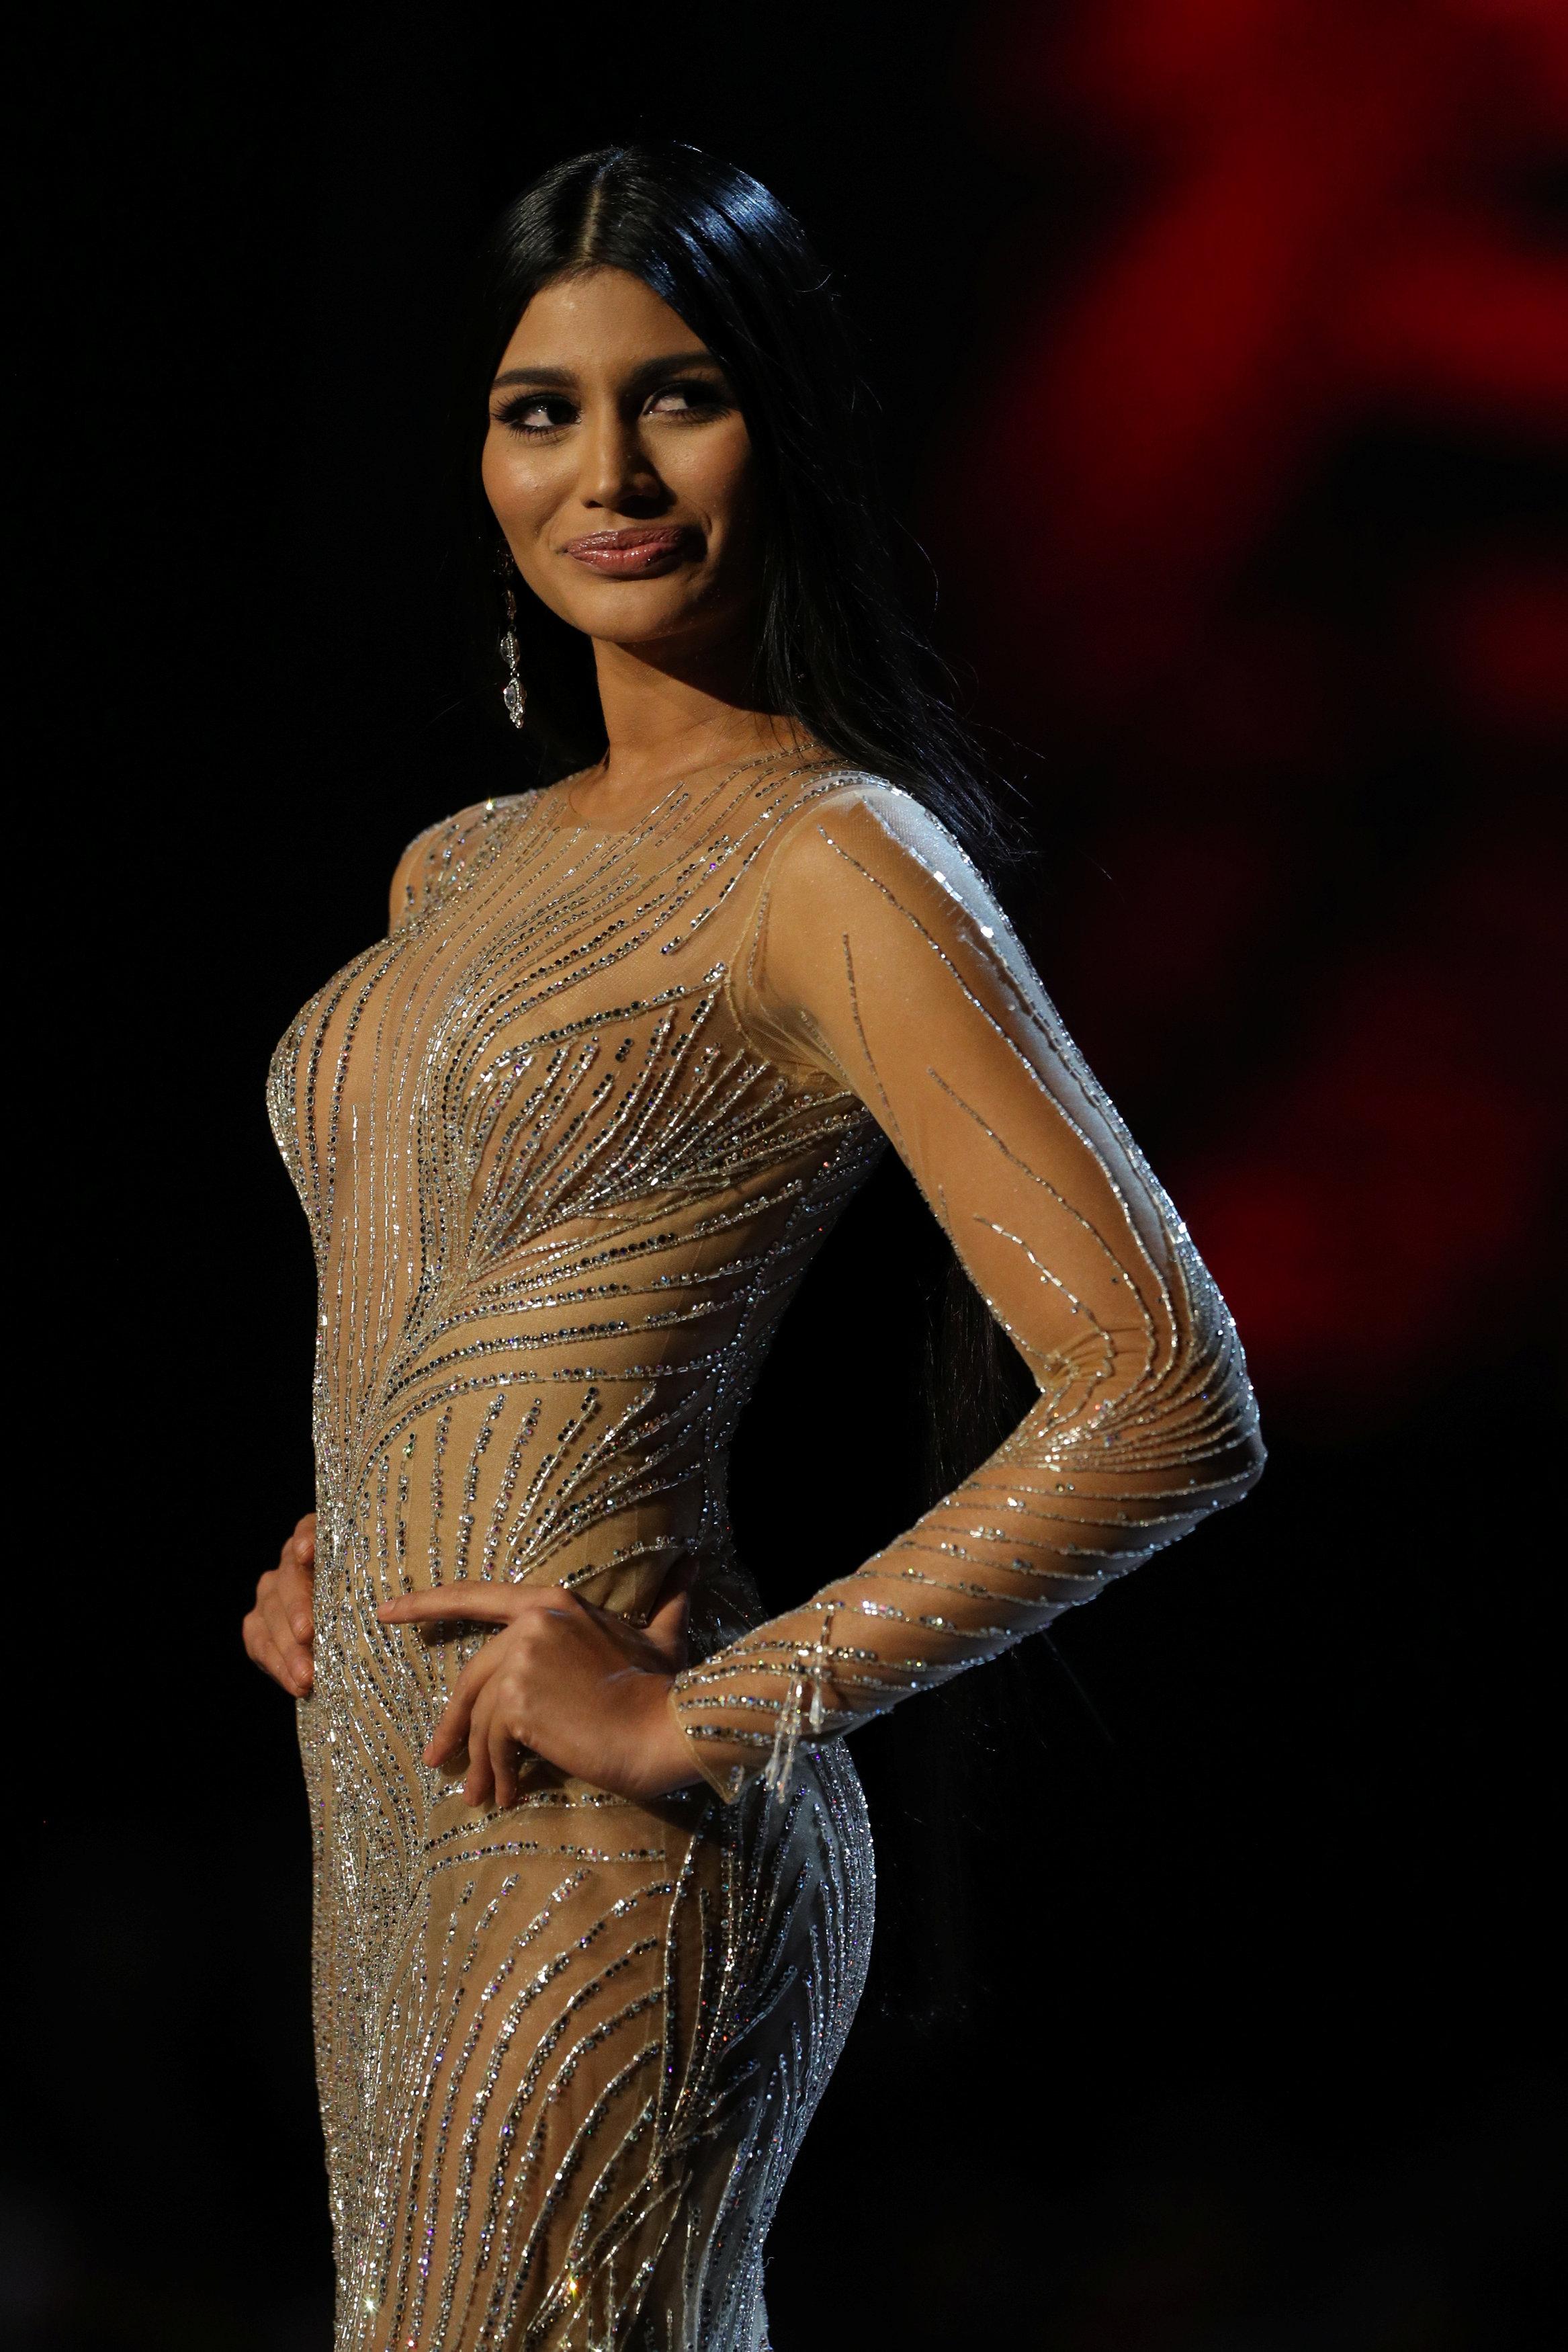 مسابقة ملكة جمال الكون من بانكوك (10)